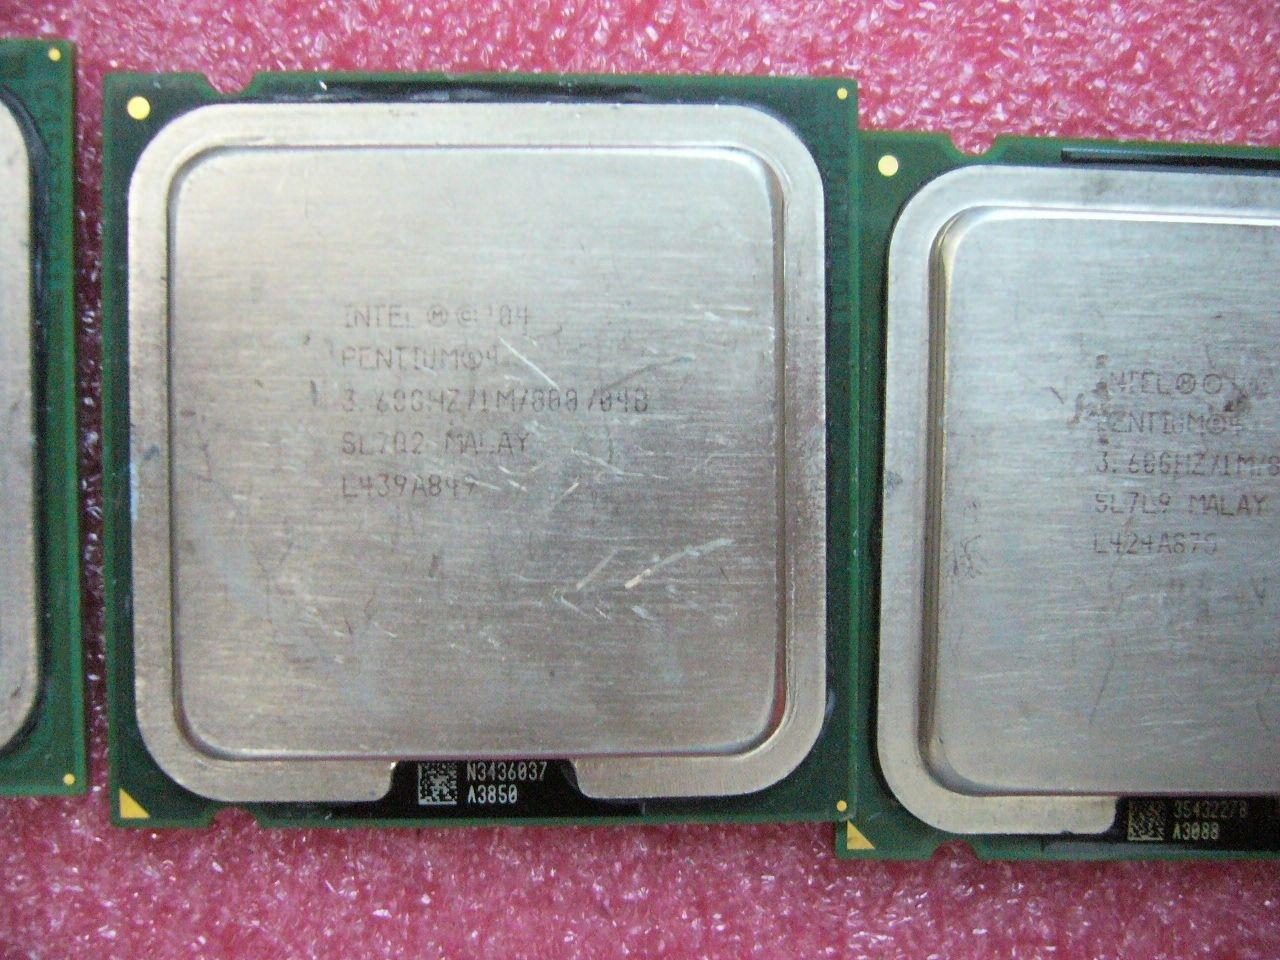 QTY 1x INTEL Pentium 4 CPU 560 3.60GHz 1MB/800Mhz LGA775 SL7Q2 SL7NZ SL7L9